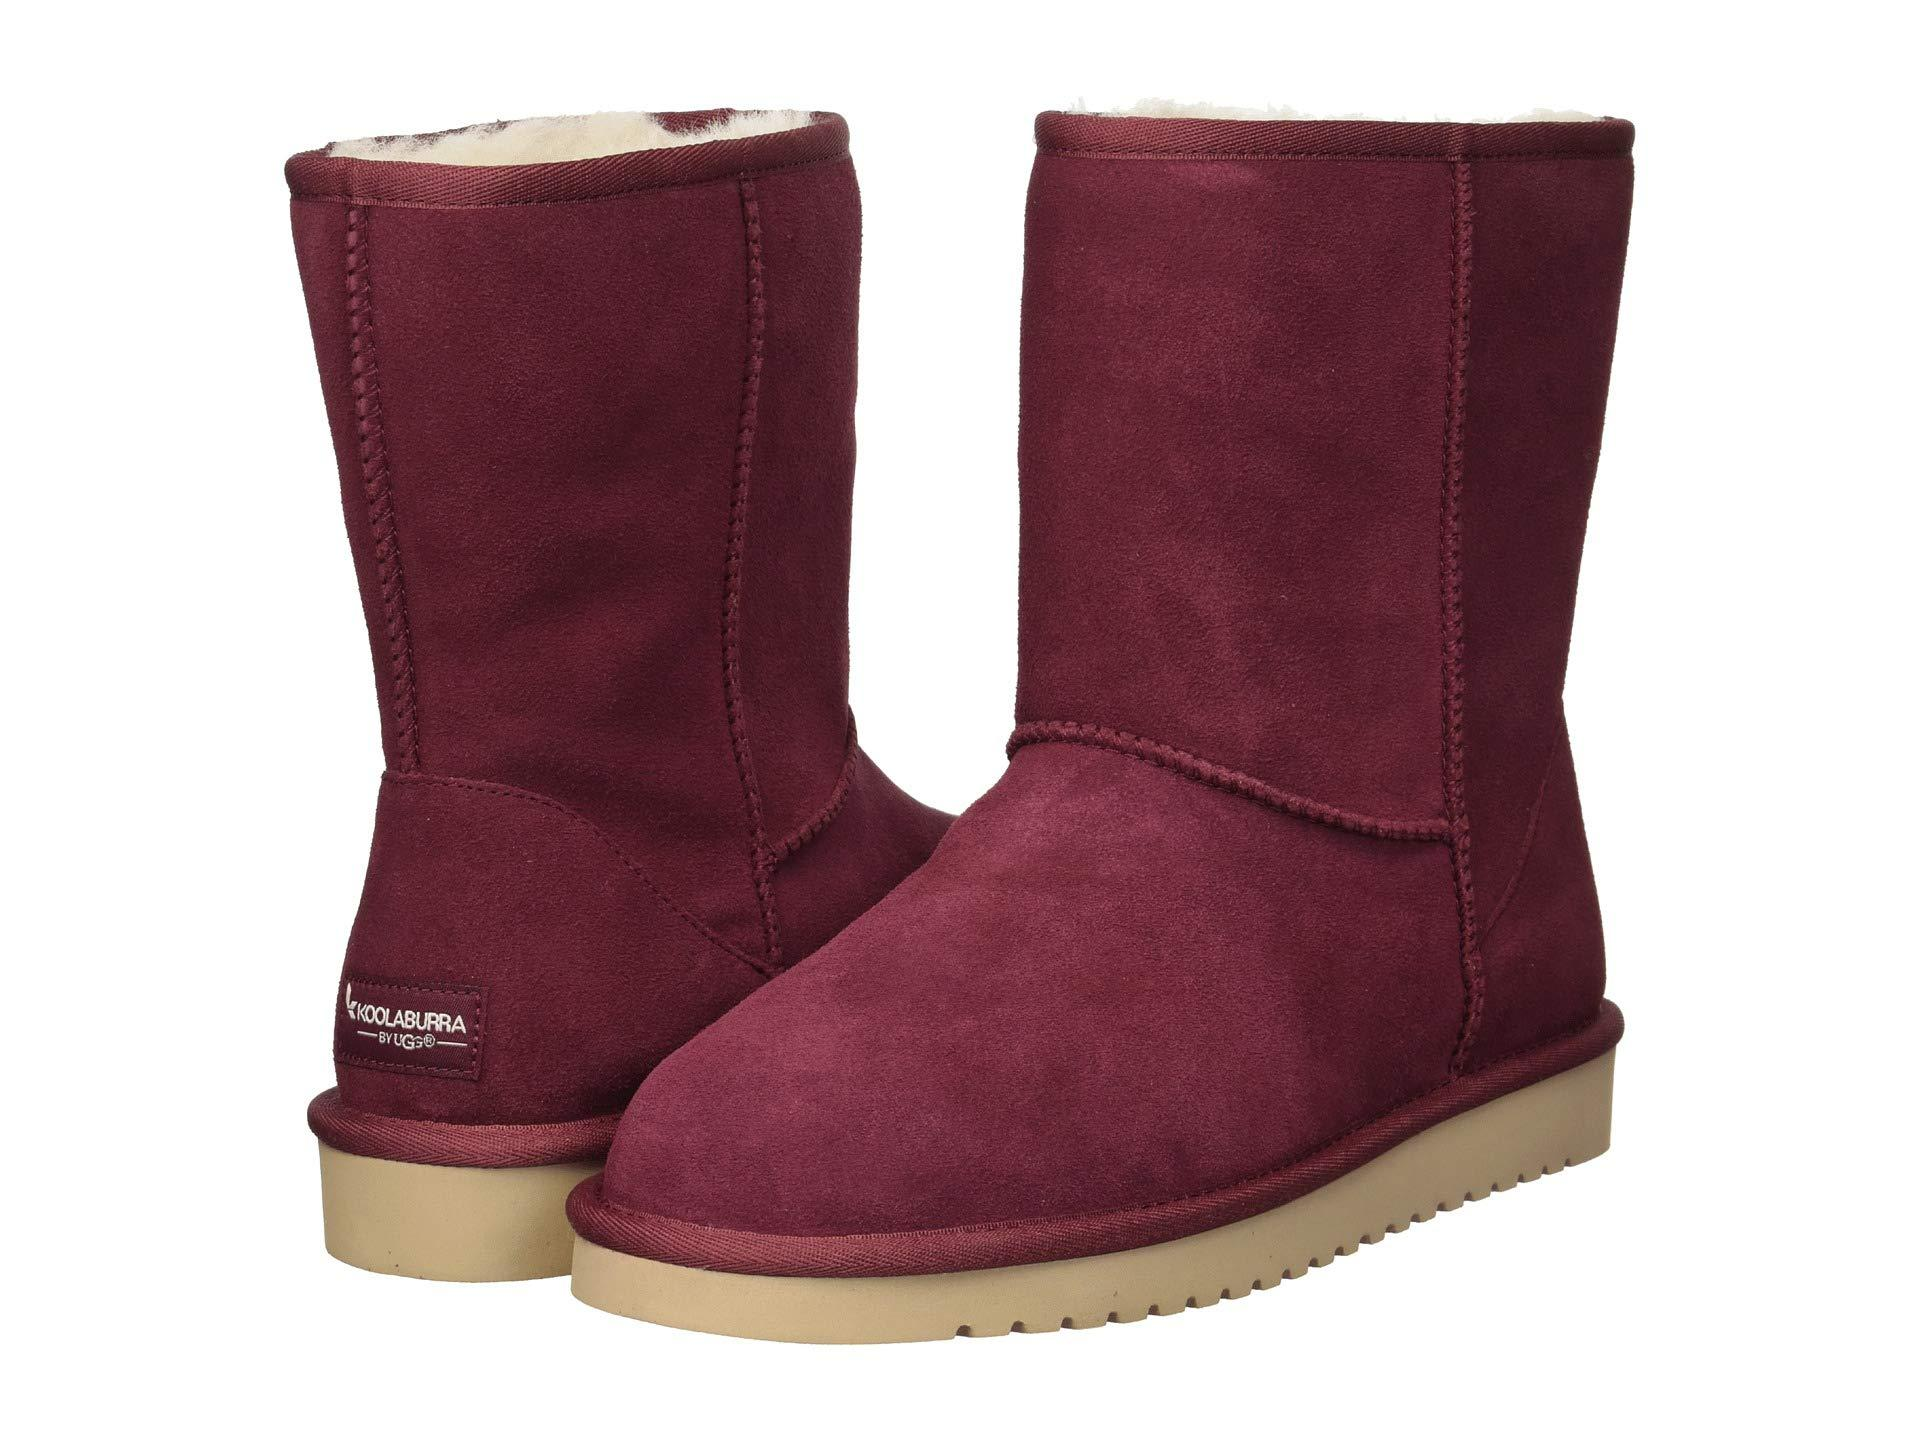 7dbd5e9f6af Lyst - UGG Koola Short (chestnut) Women's Boots